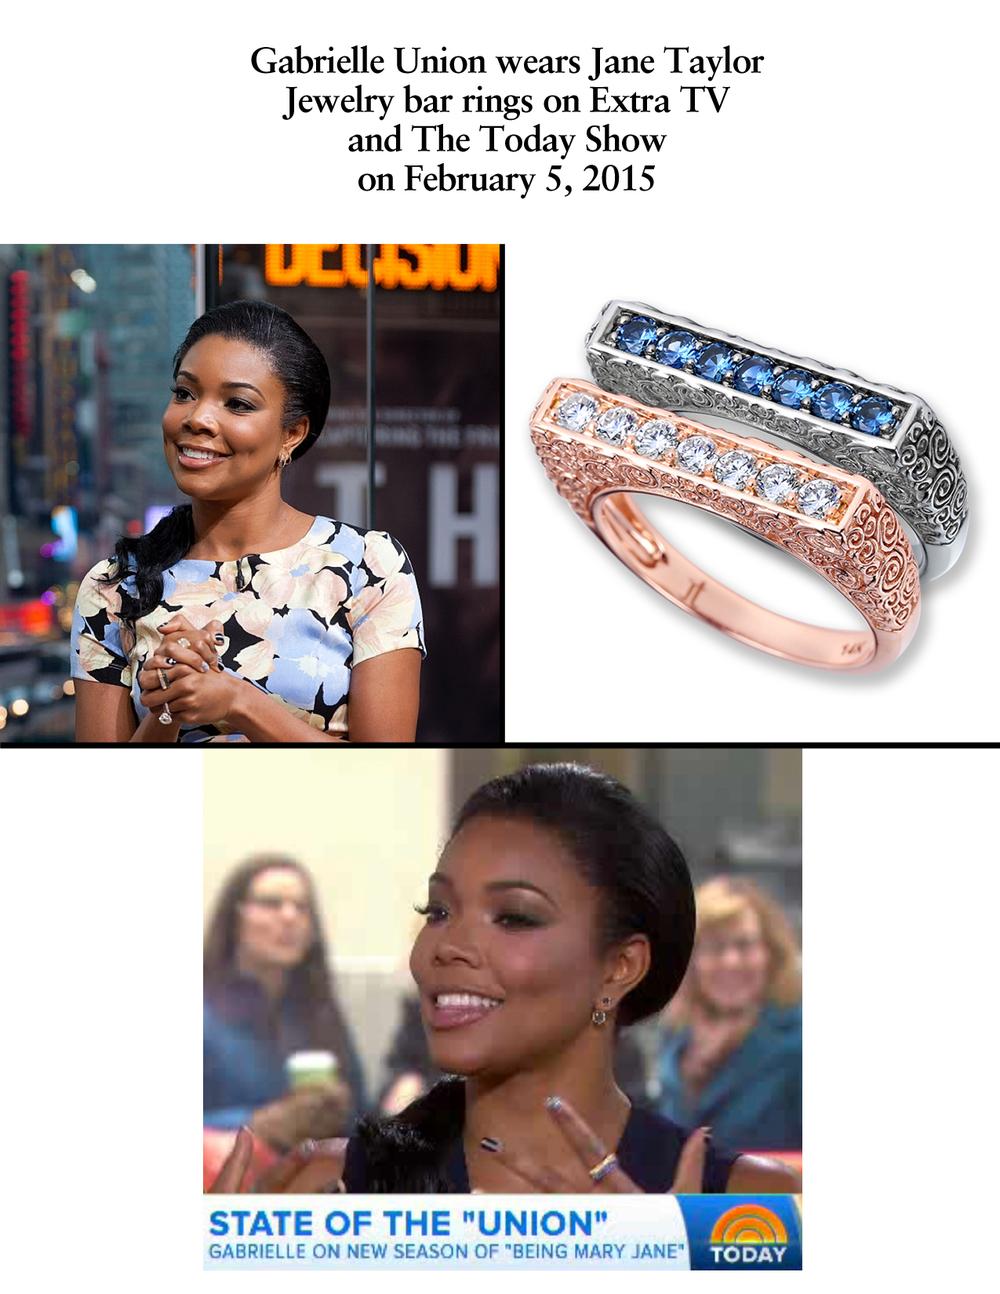 2015-2.5-Gabrielle Union wearing Jane Taylor Jewelry.jpg